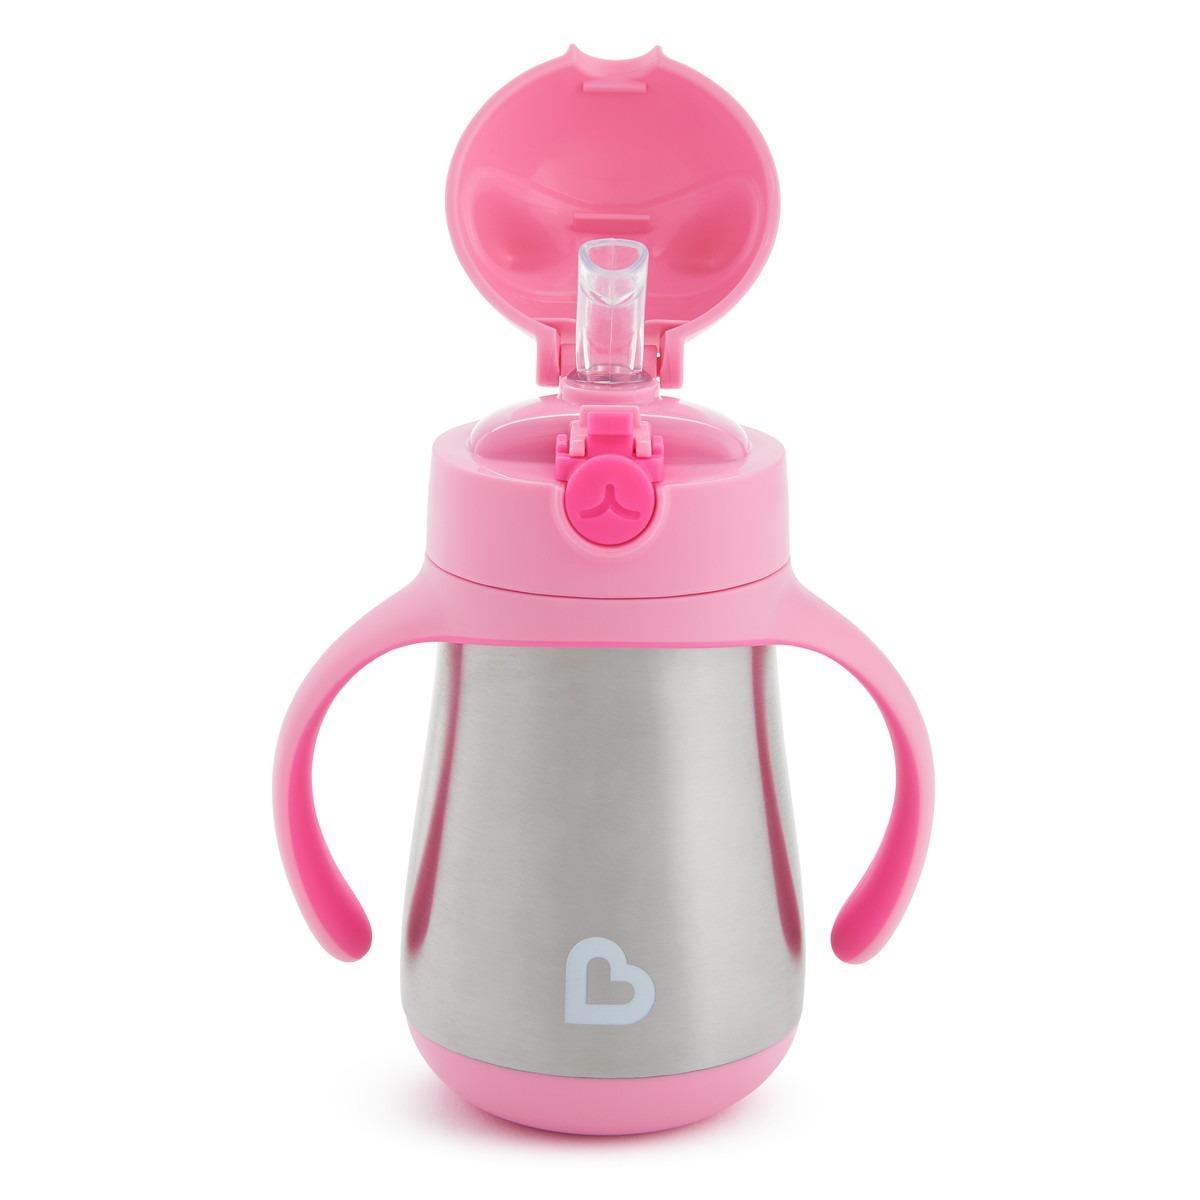 Μπουκάλι- θερμός, 237ml, - Cool Cat, Munchkin - Ροζ